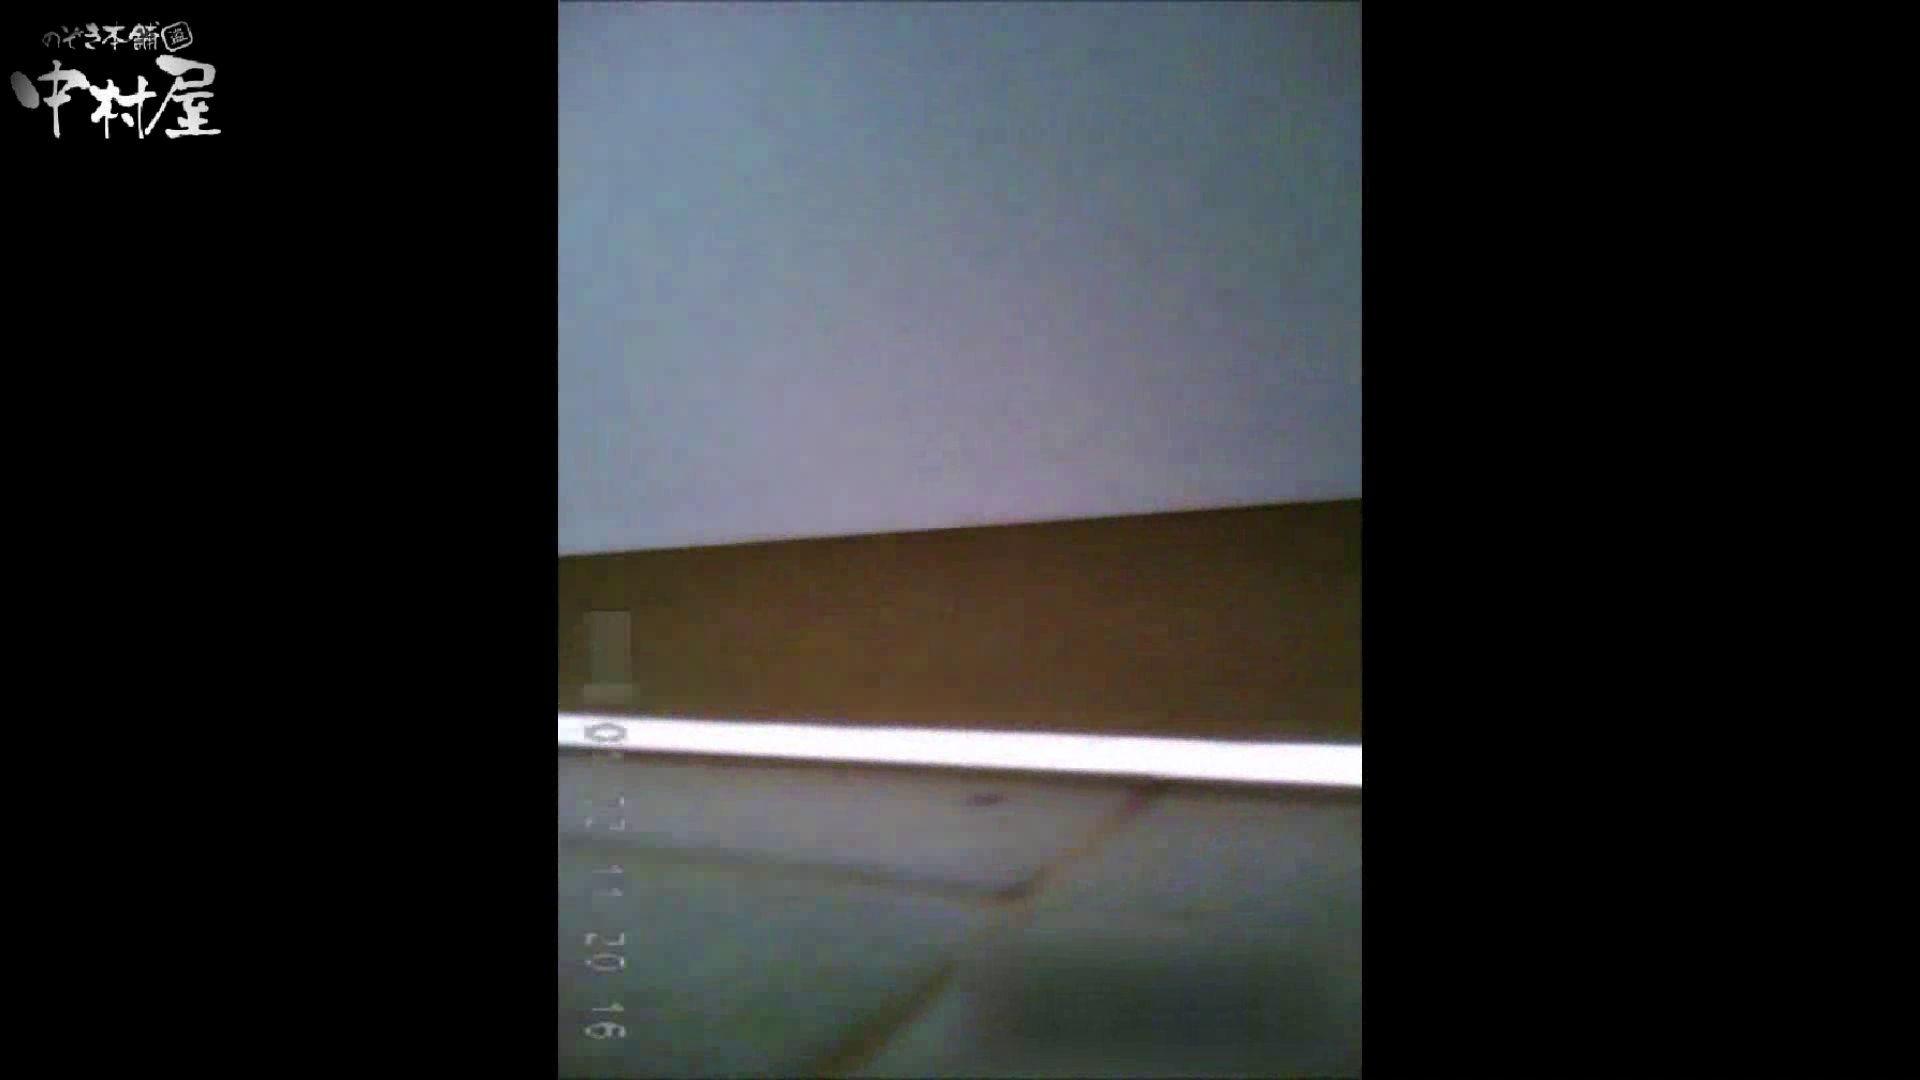 雅さんが厳選年末特別コンテンツ!激走!東京マラソン選手専用女子トイレvol.3 和式   トイレ  69pic 46